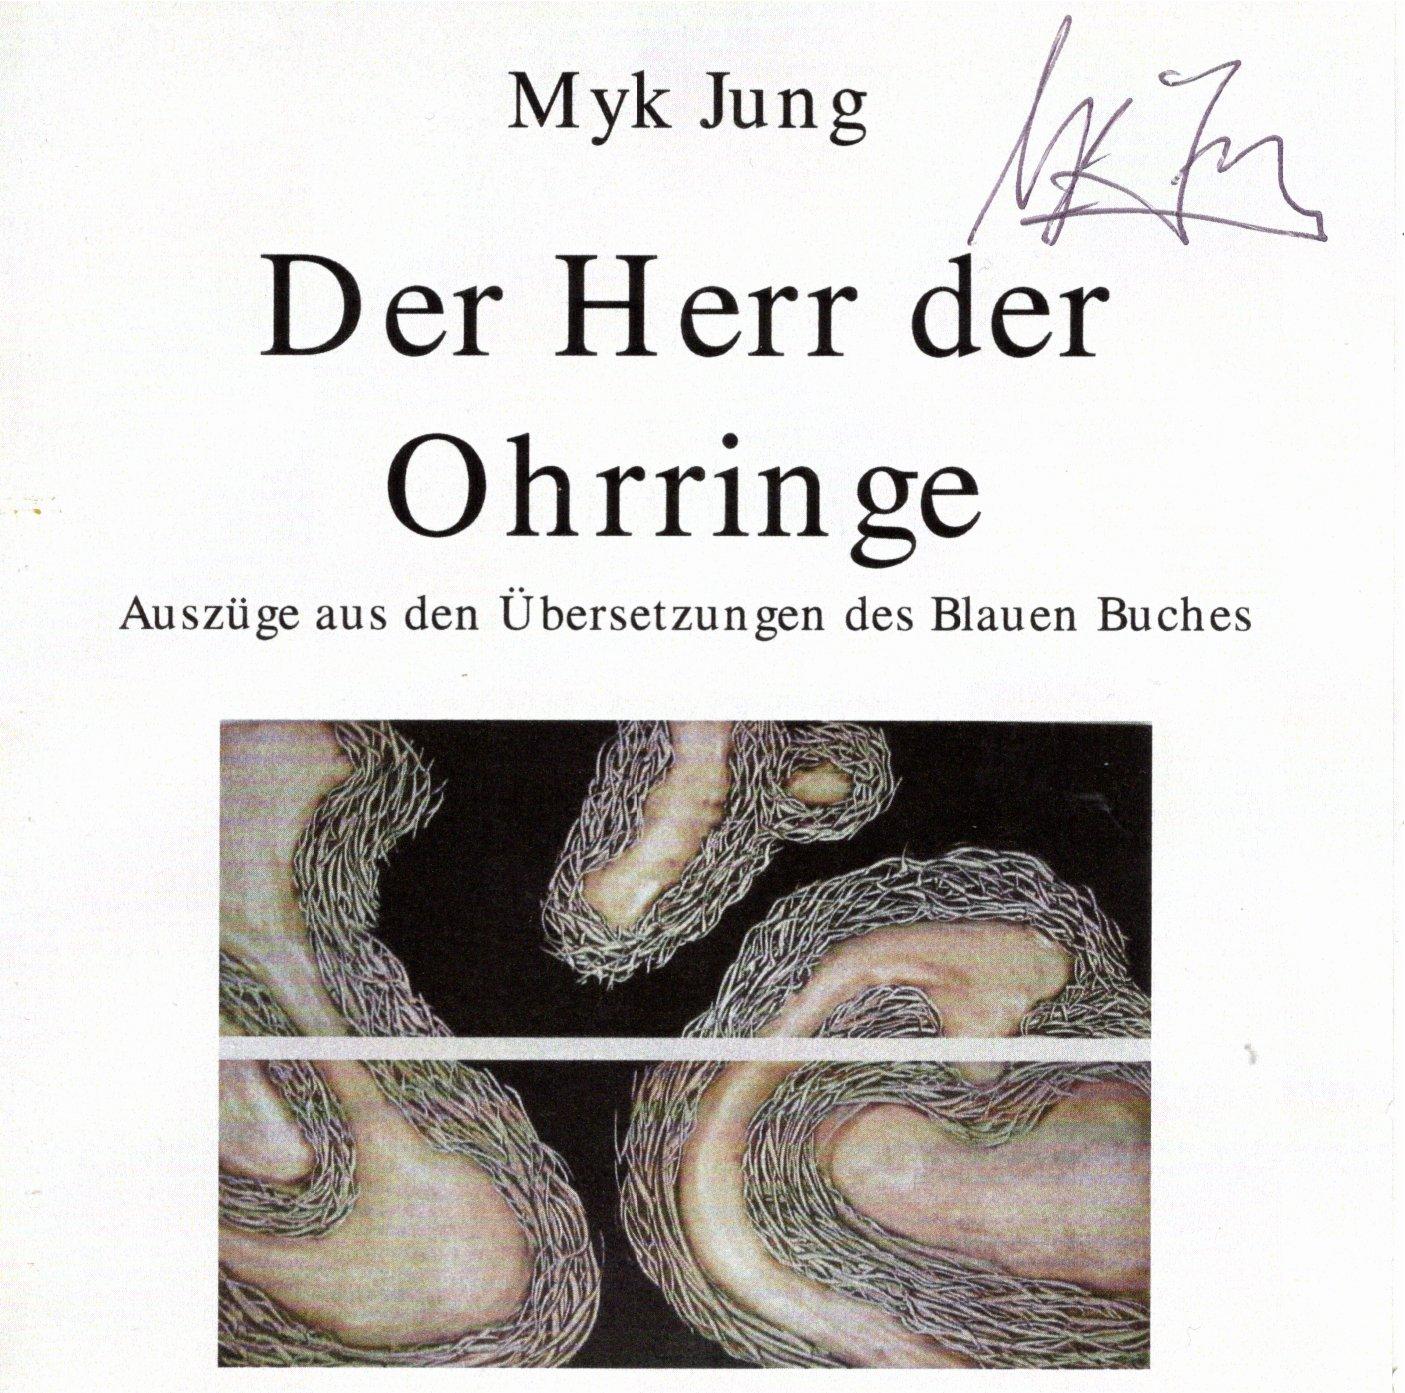 Myk Jung4